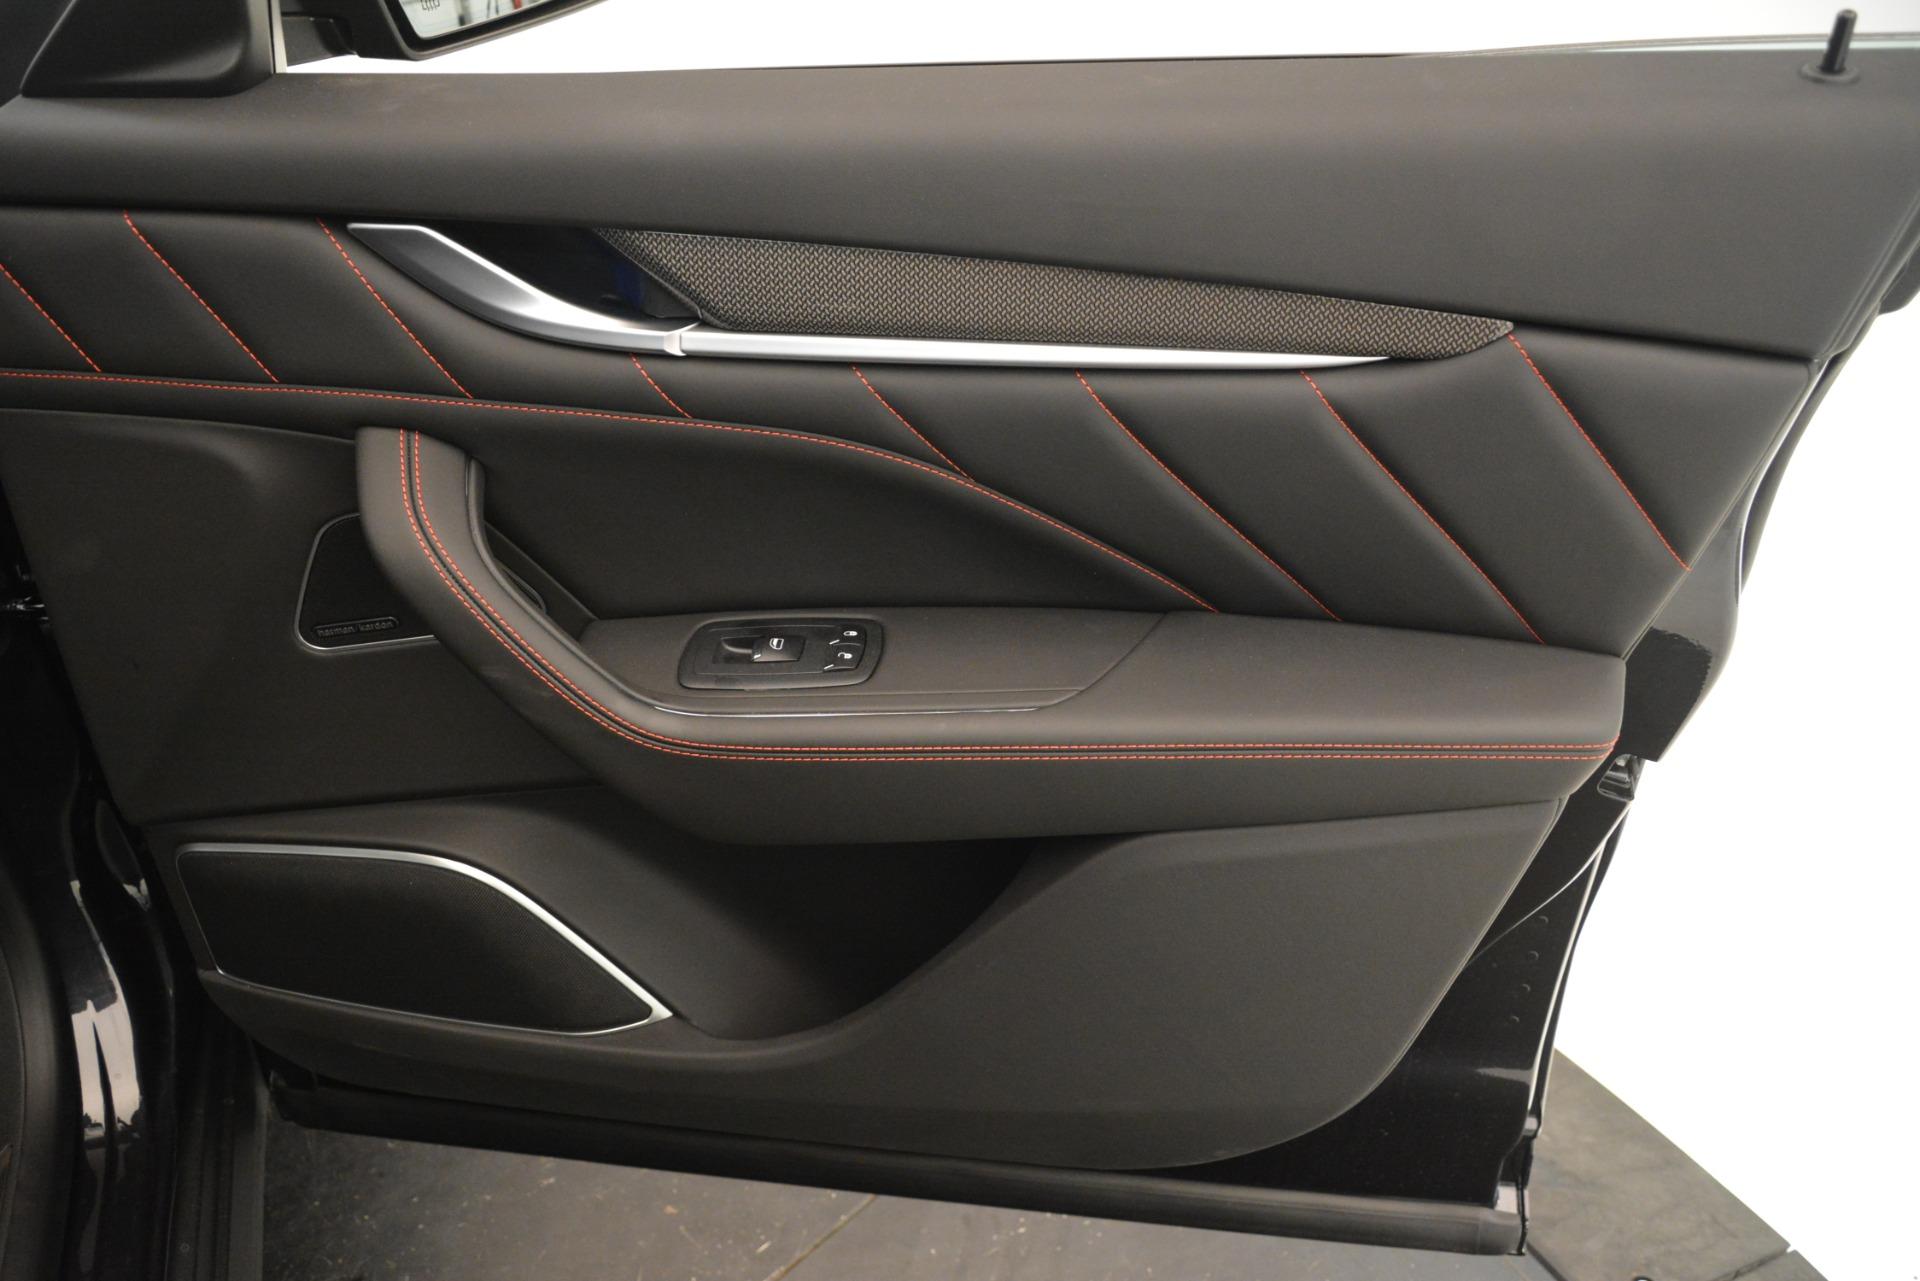 New 2019 Maserati Levante SQ4 GranSport Nerissimo For Sale In Greenwich, CT 3199_p25